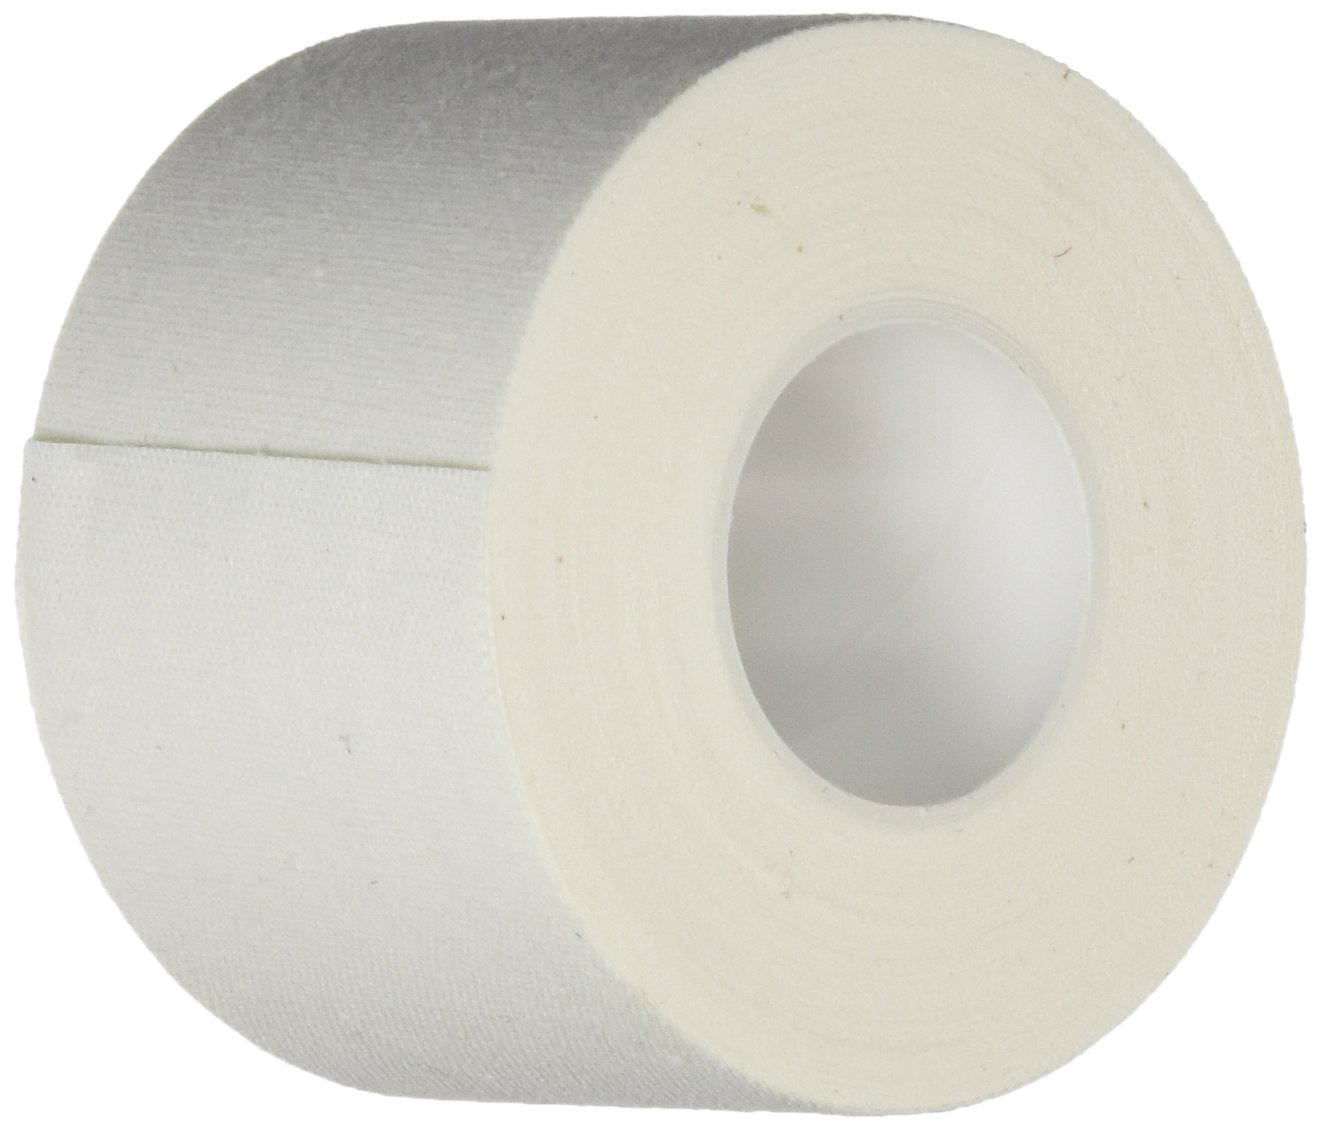 Mpowered Baseball Premium Baseball Bat Tape, White by Mpowered Baseball